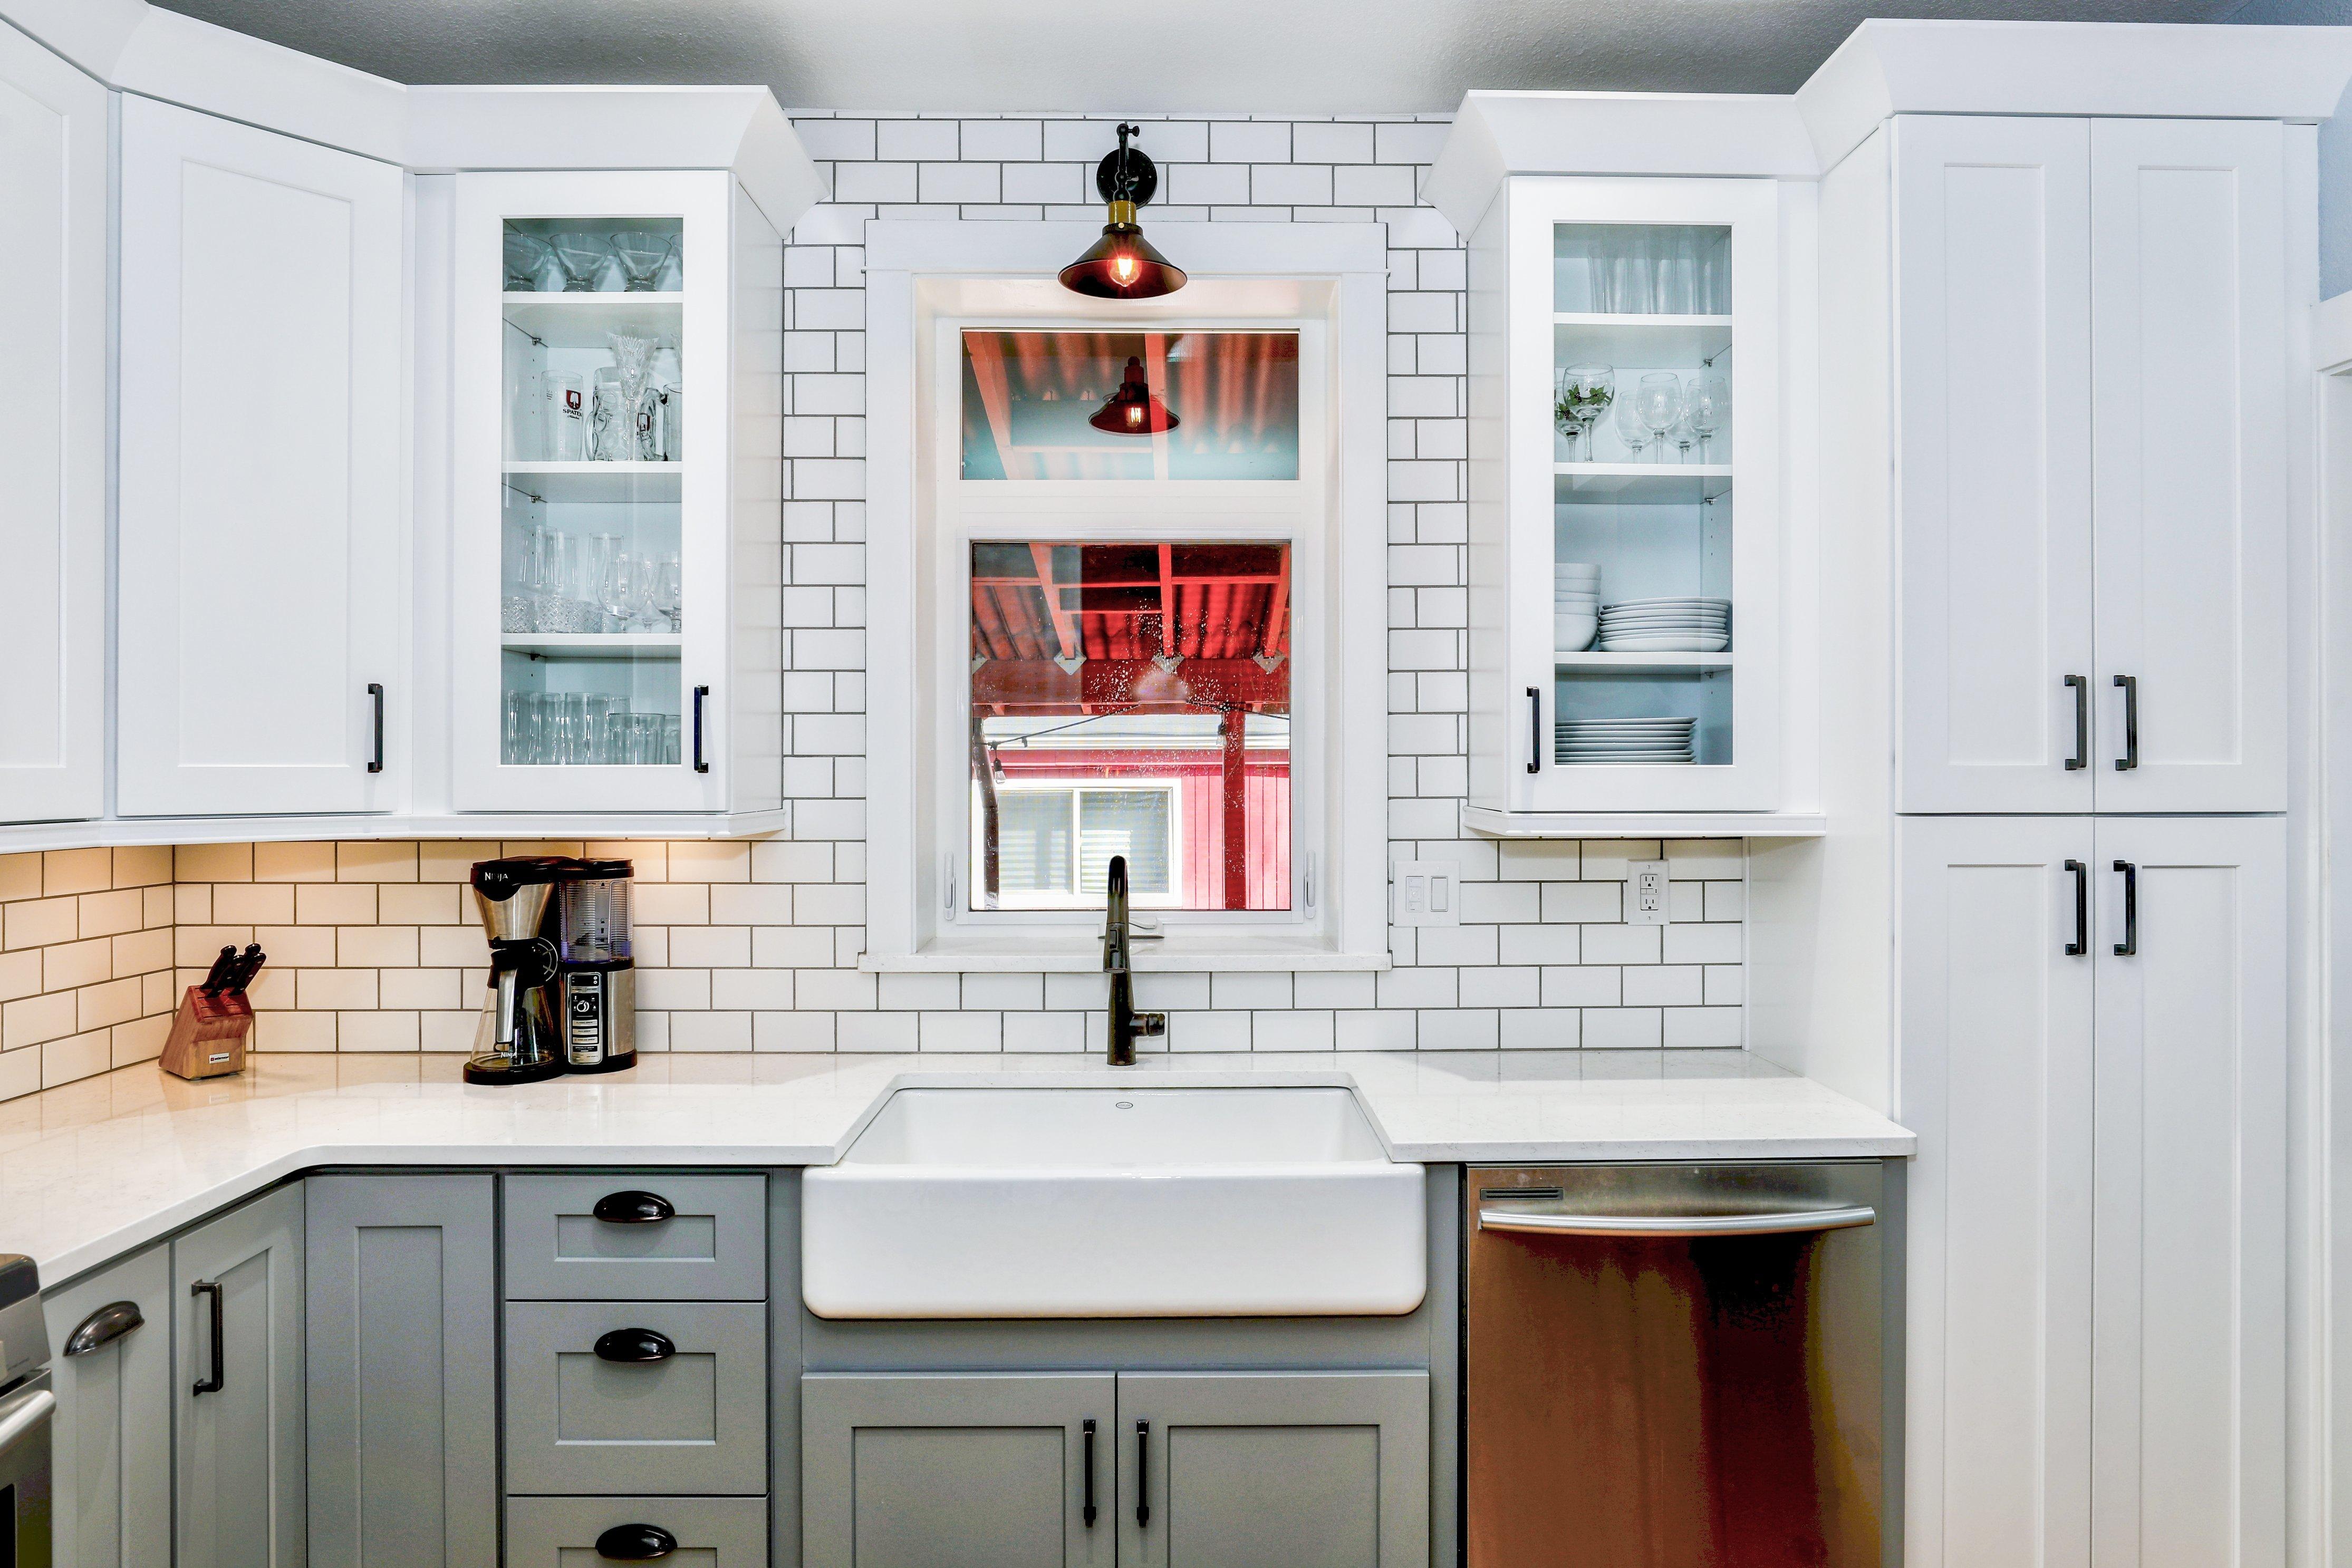 farmhouse kitchen sink 1.jpg